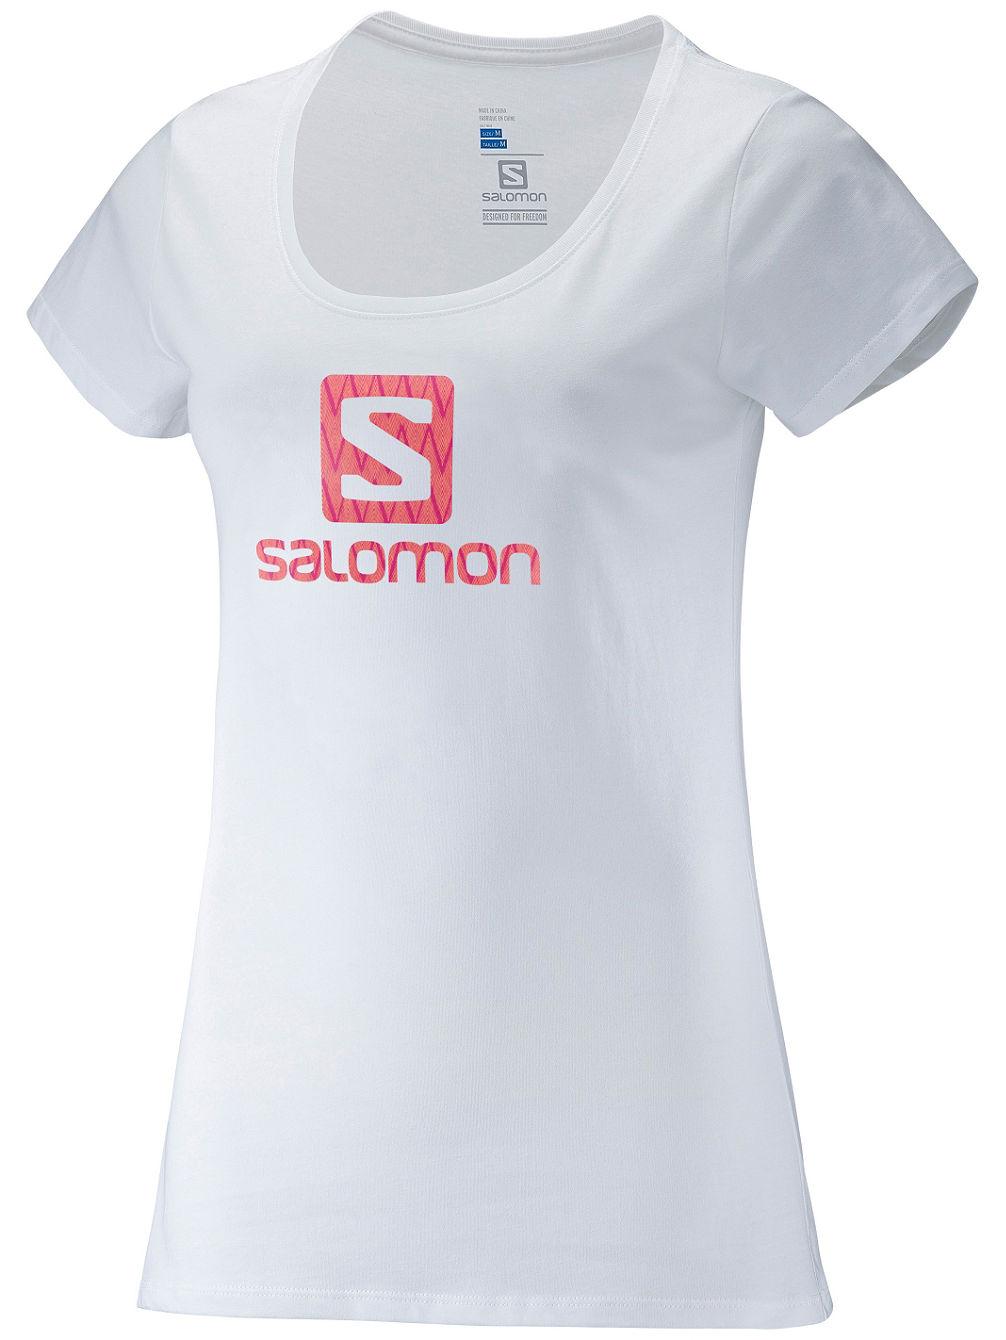 corp-logo-t-shirt